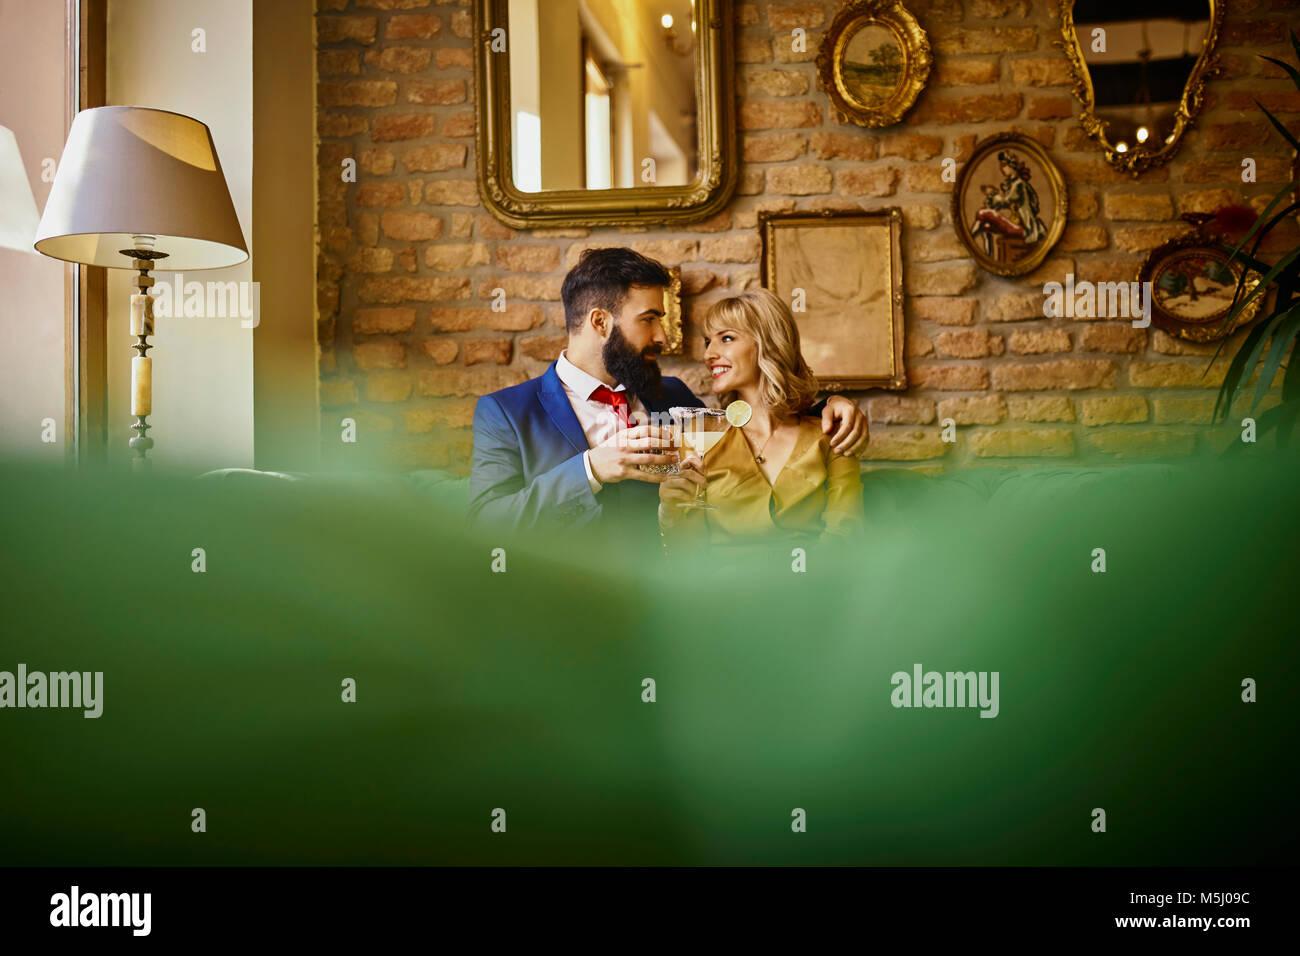 Couple élégant avec boissons sitting on couch embracing Photo Stock